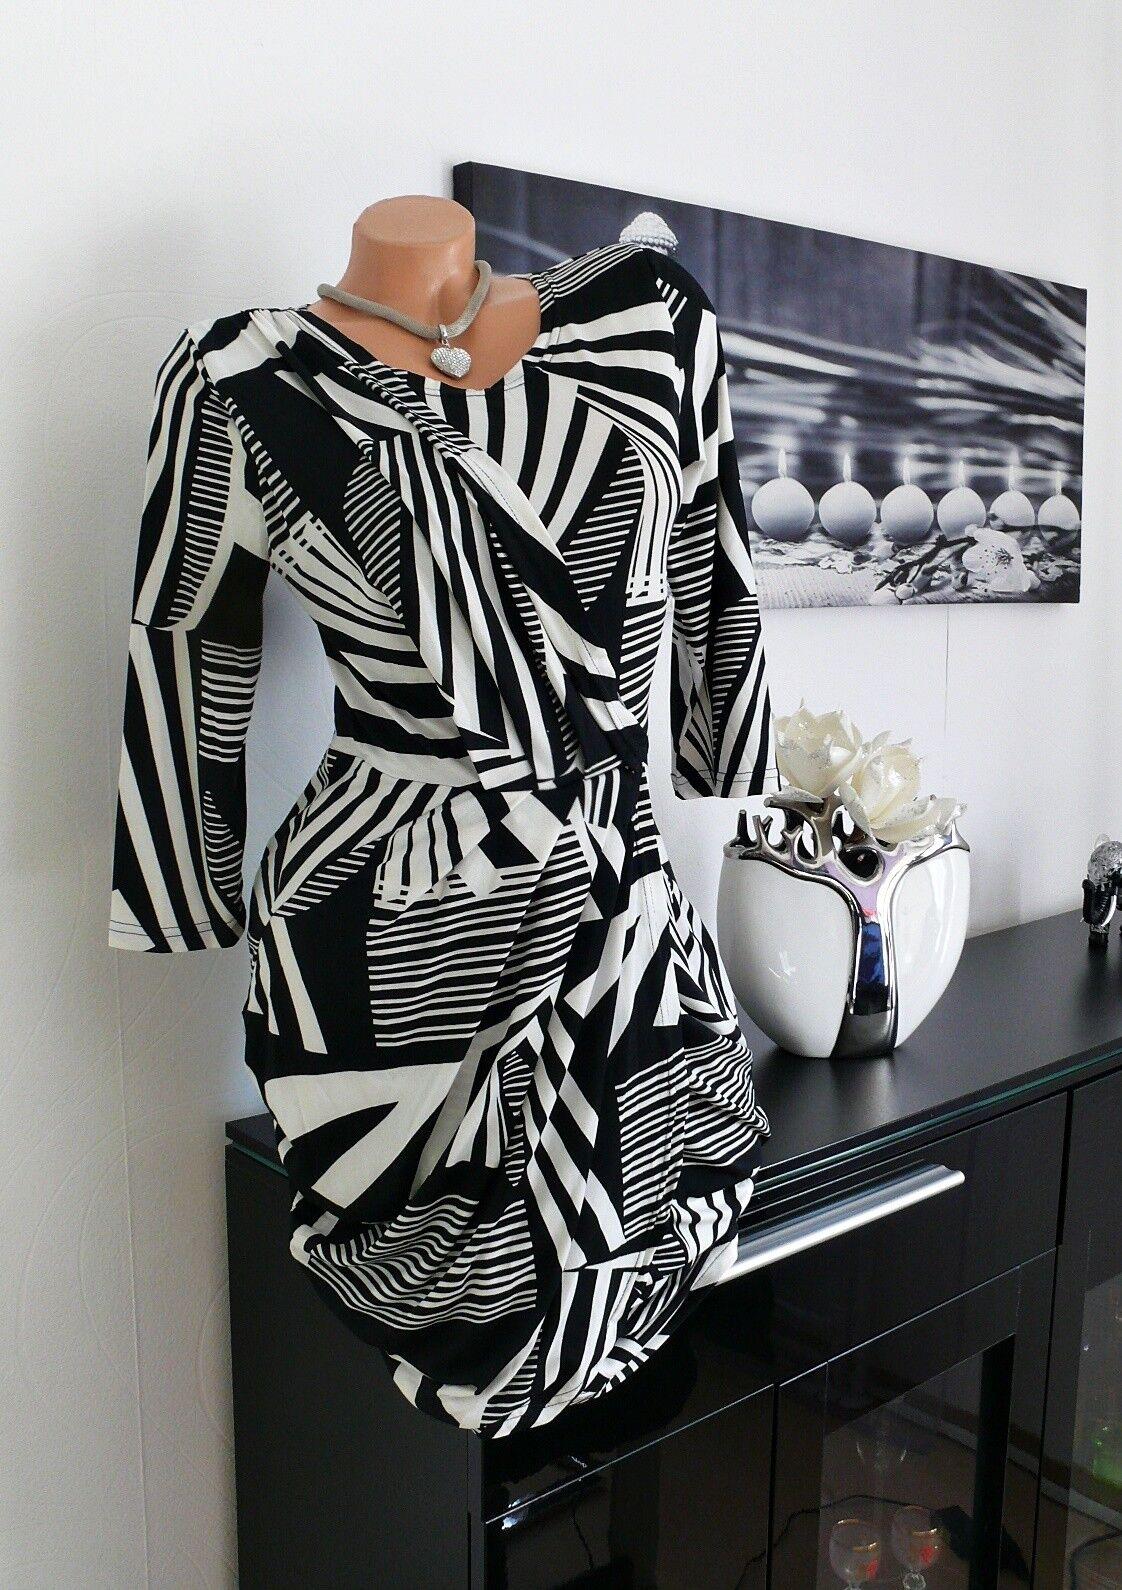 ♥ Traumhaft   Wickel Stiefel Kleid Tunika schwarz weiss 36 38 40  gr NEU ♥